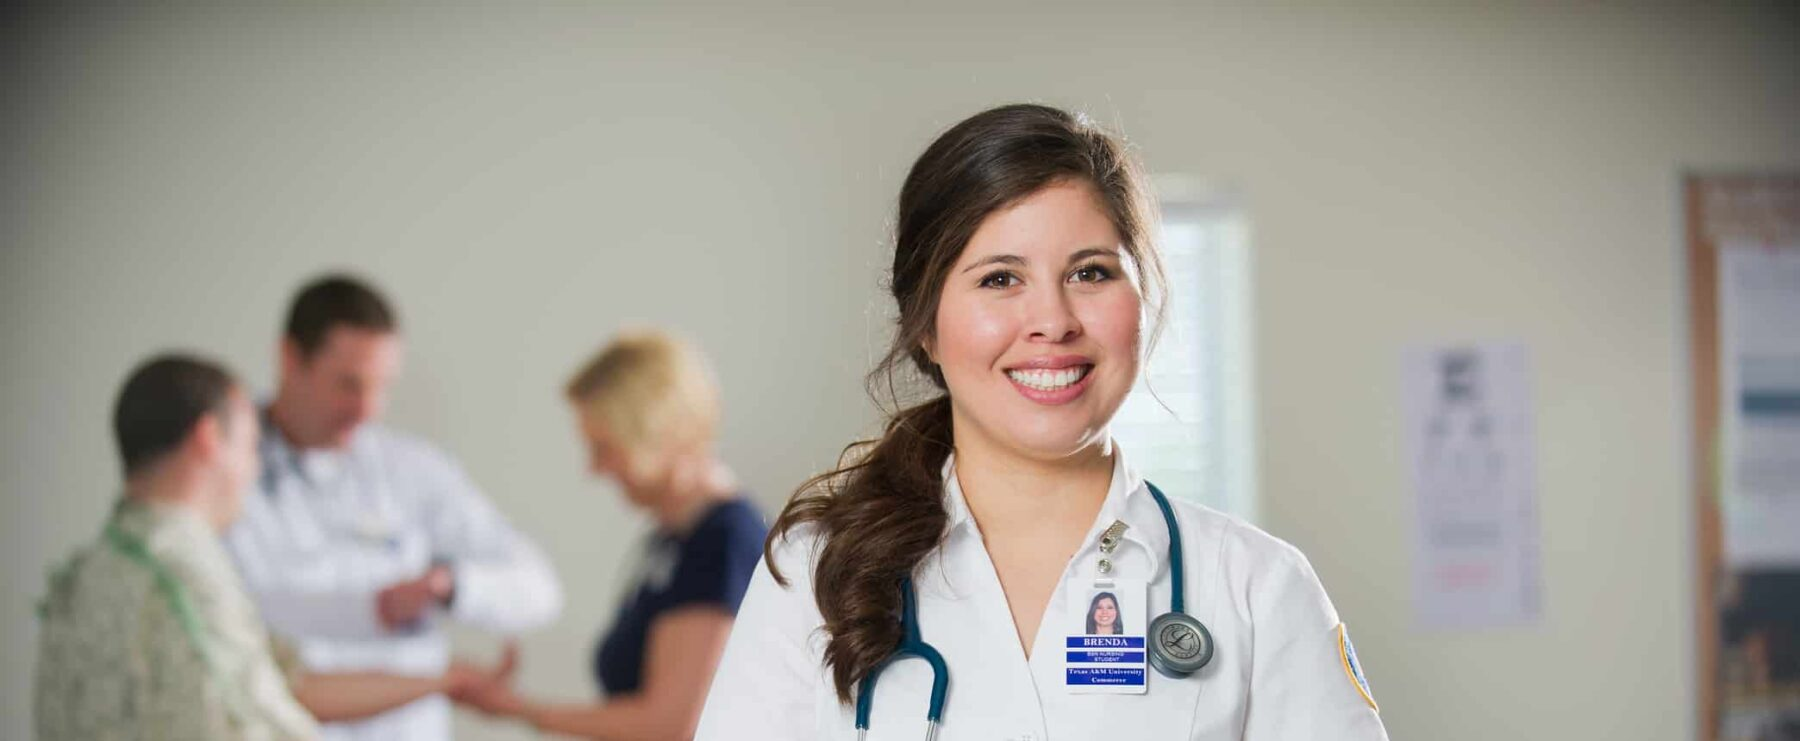 15151-Nursing-Authentic-1991-2088×1440